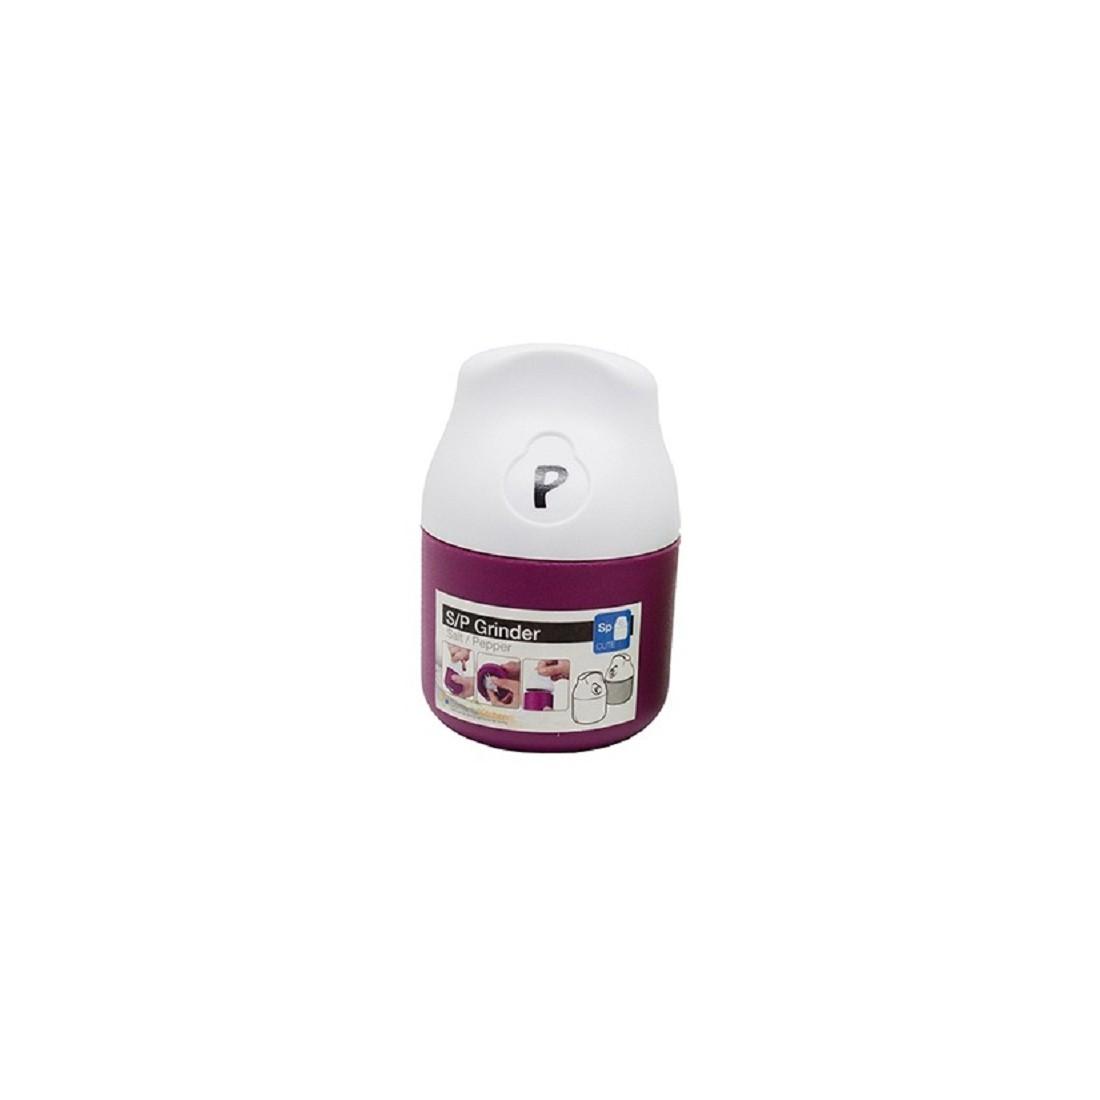 Hũ xay tiêu màu tím 100ml-Thế giới đồ gia dụng HMD